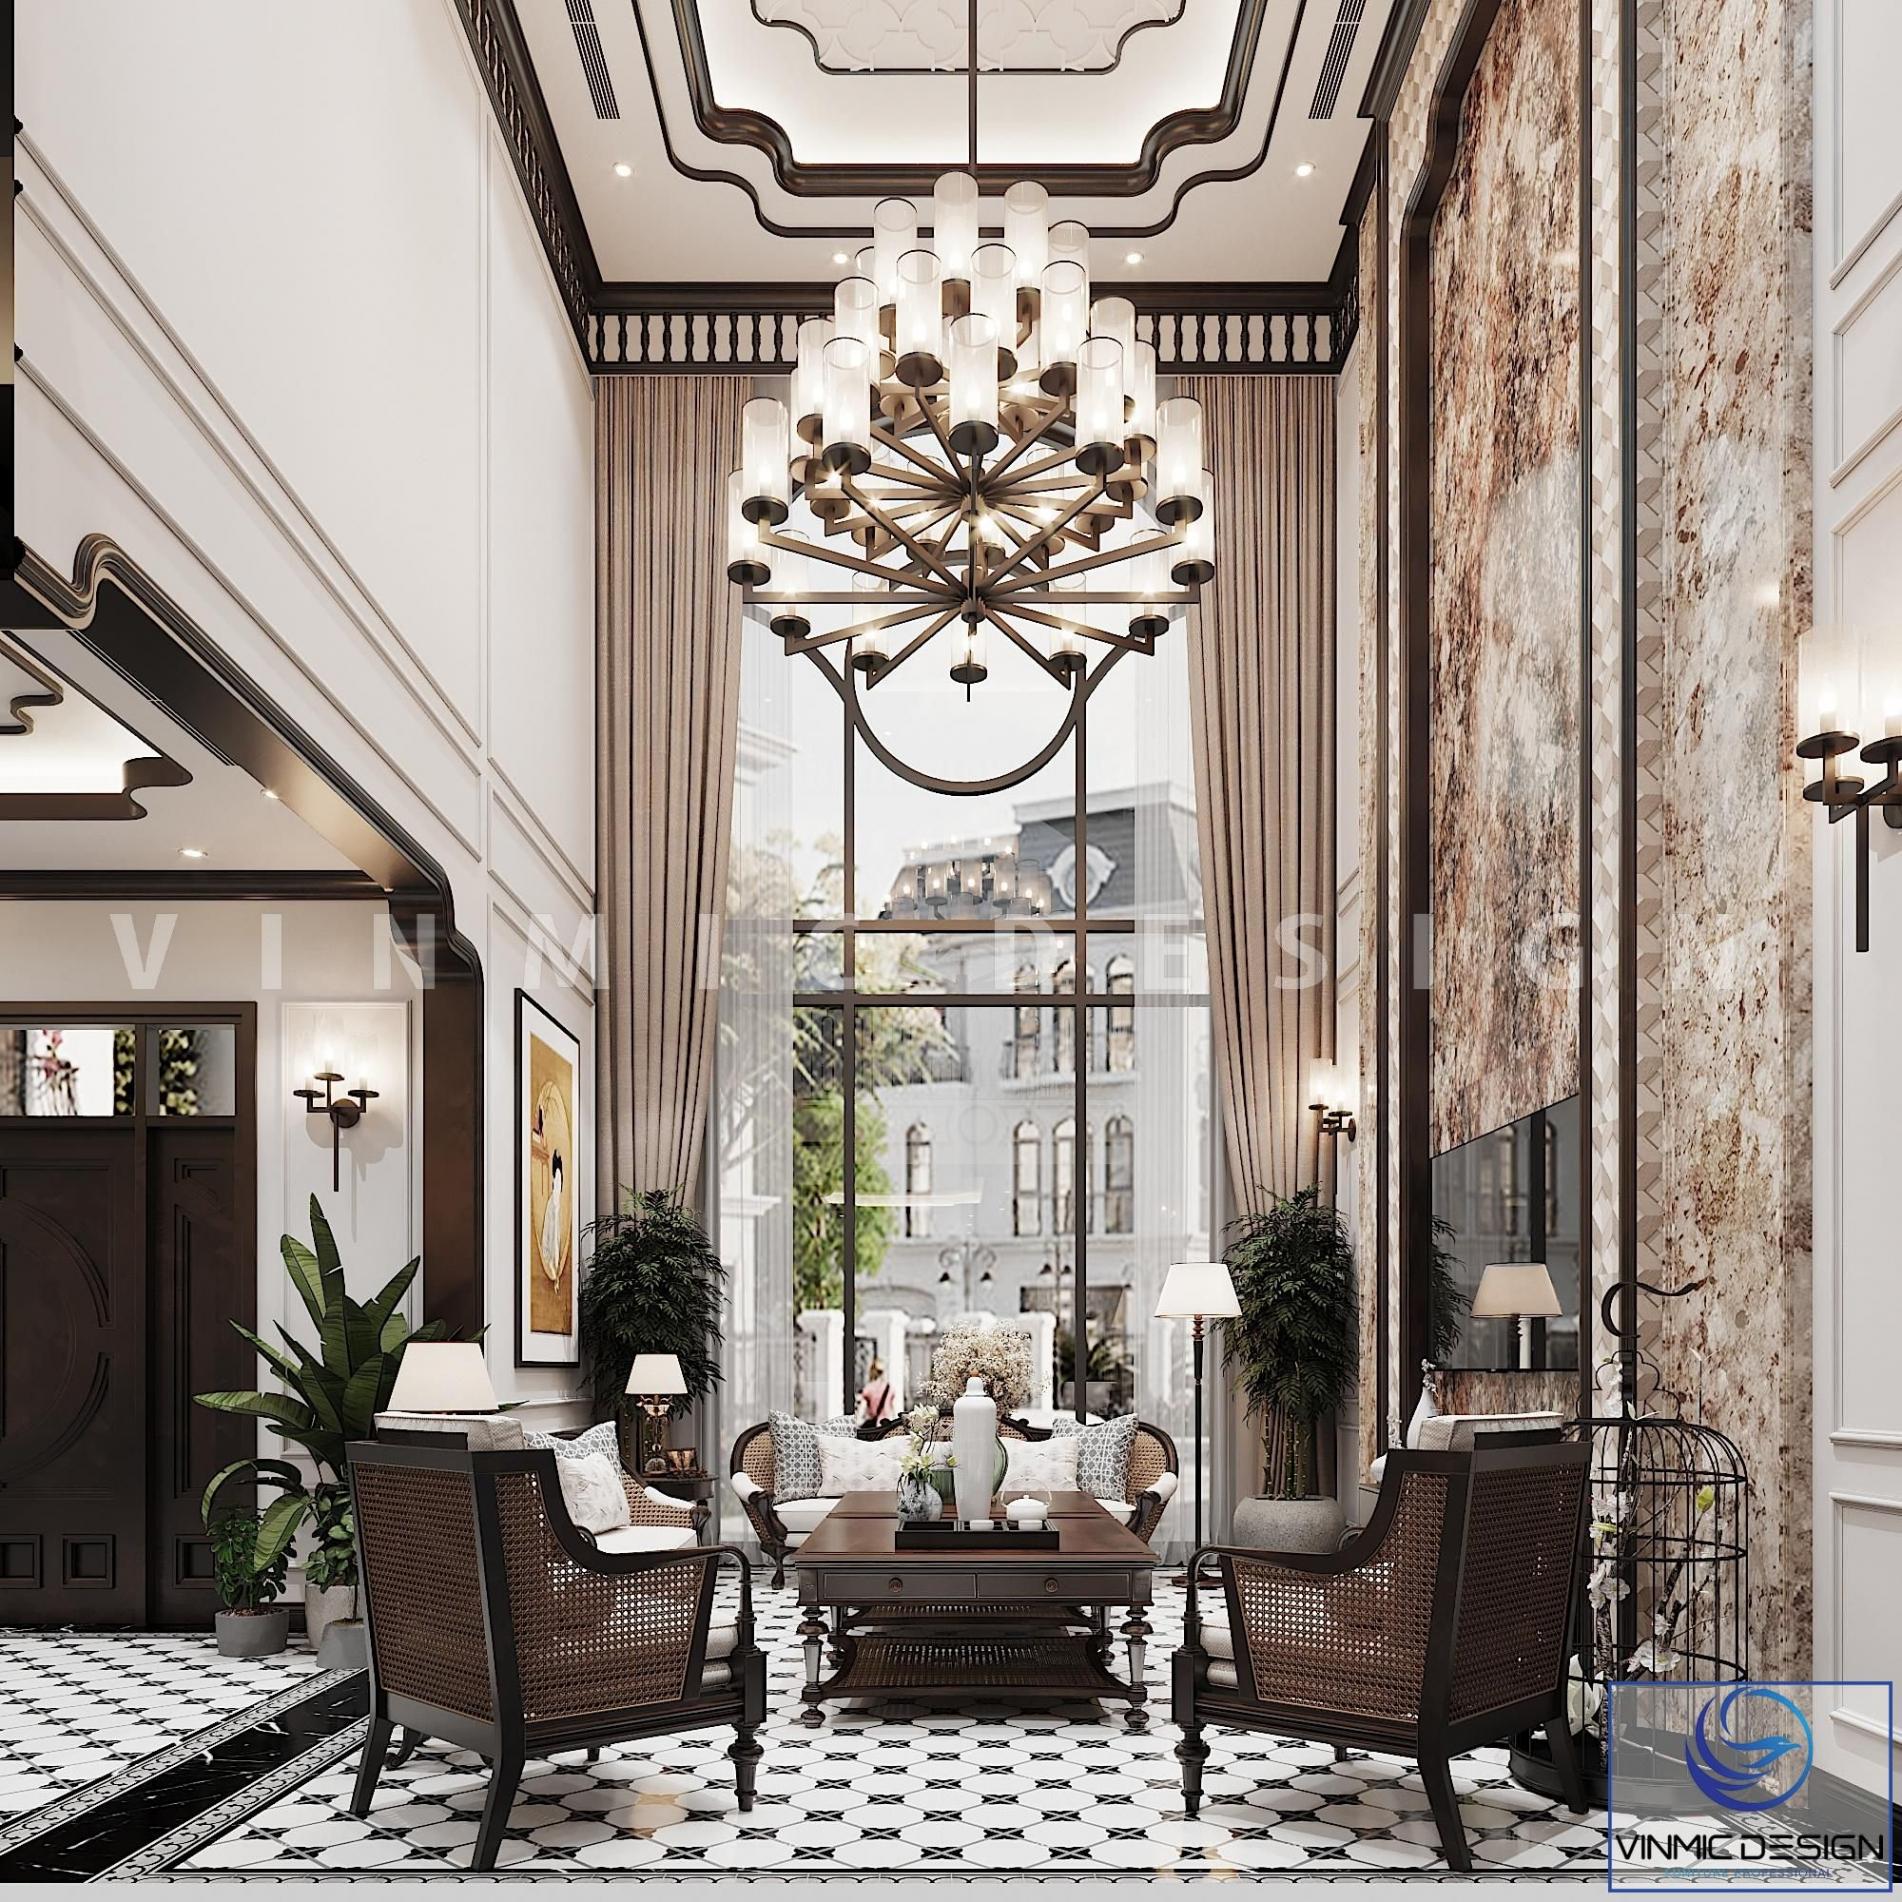 Thiết kế nội thất phòng khách phong cách Á Đông sang trọng tại biệt thự Vinhomes Imperia Hải Phòng